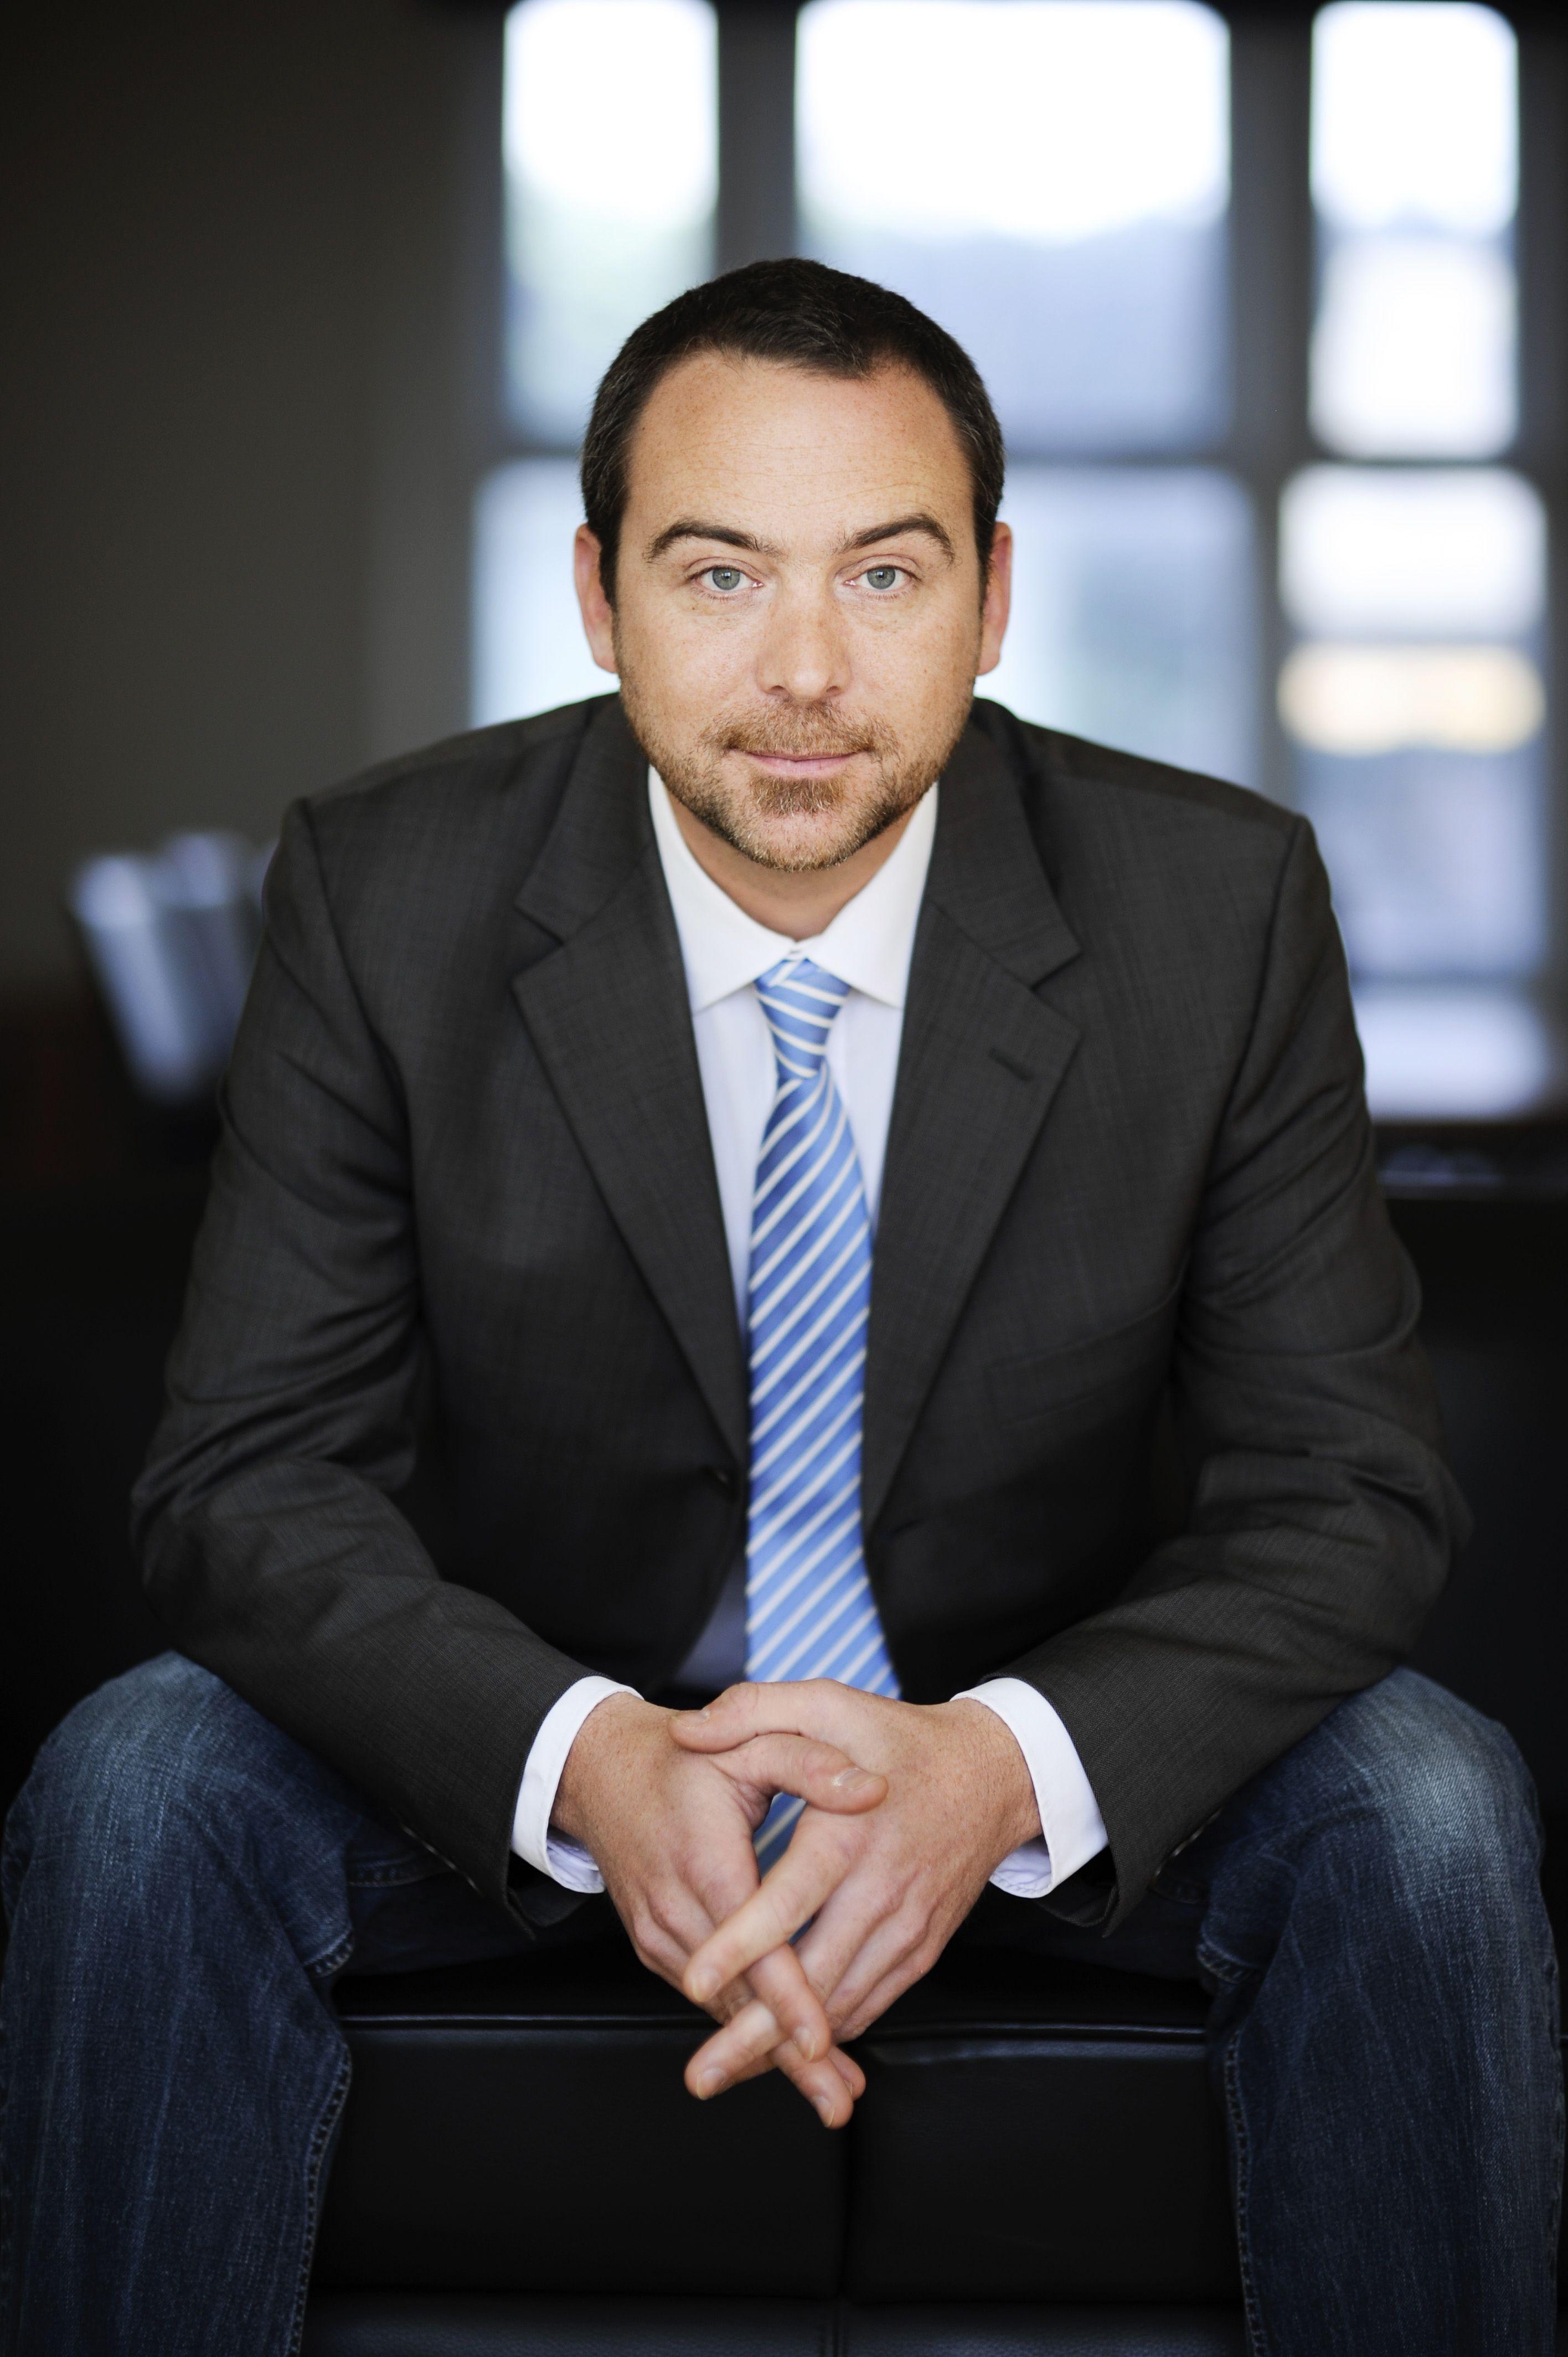 50 Professional Poses For Men Ideas Poses For Men Business Portrait Corporate Portrait